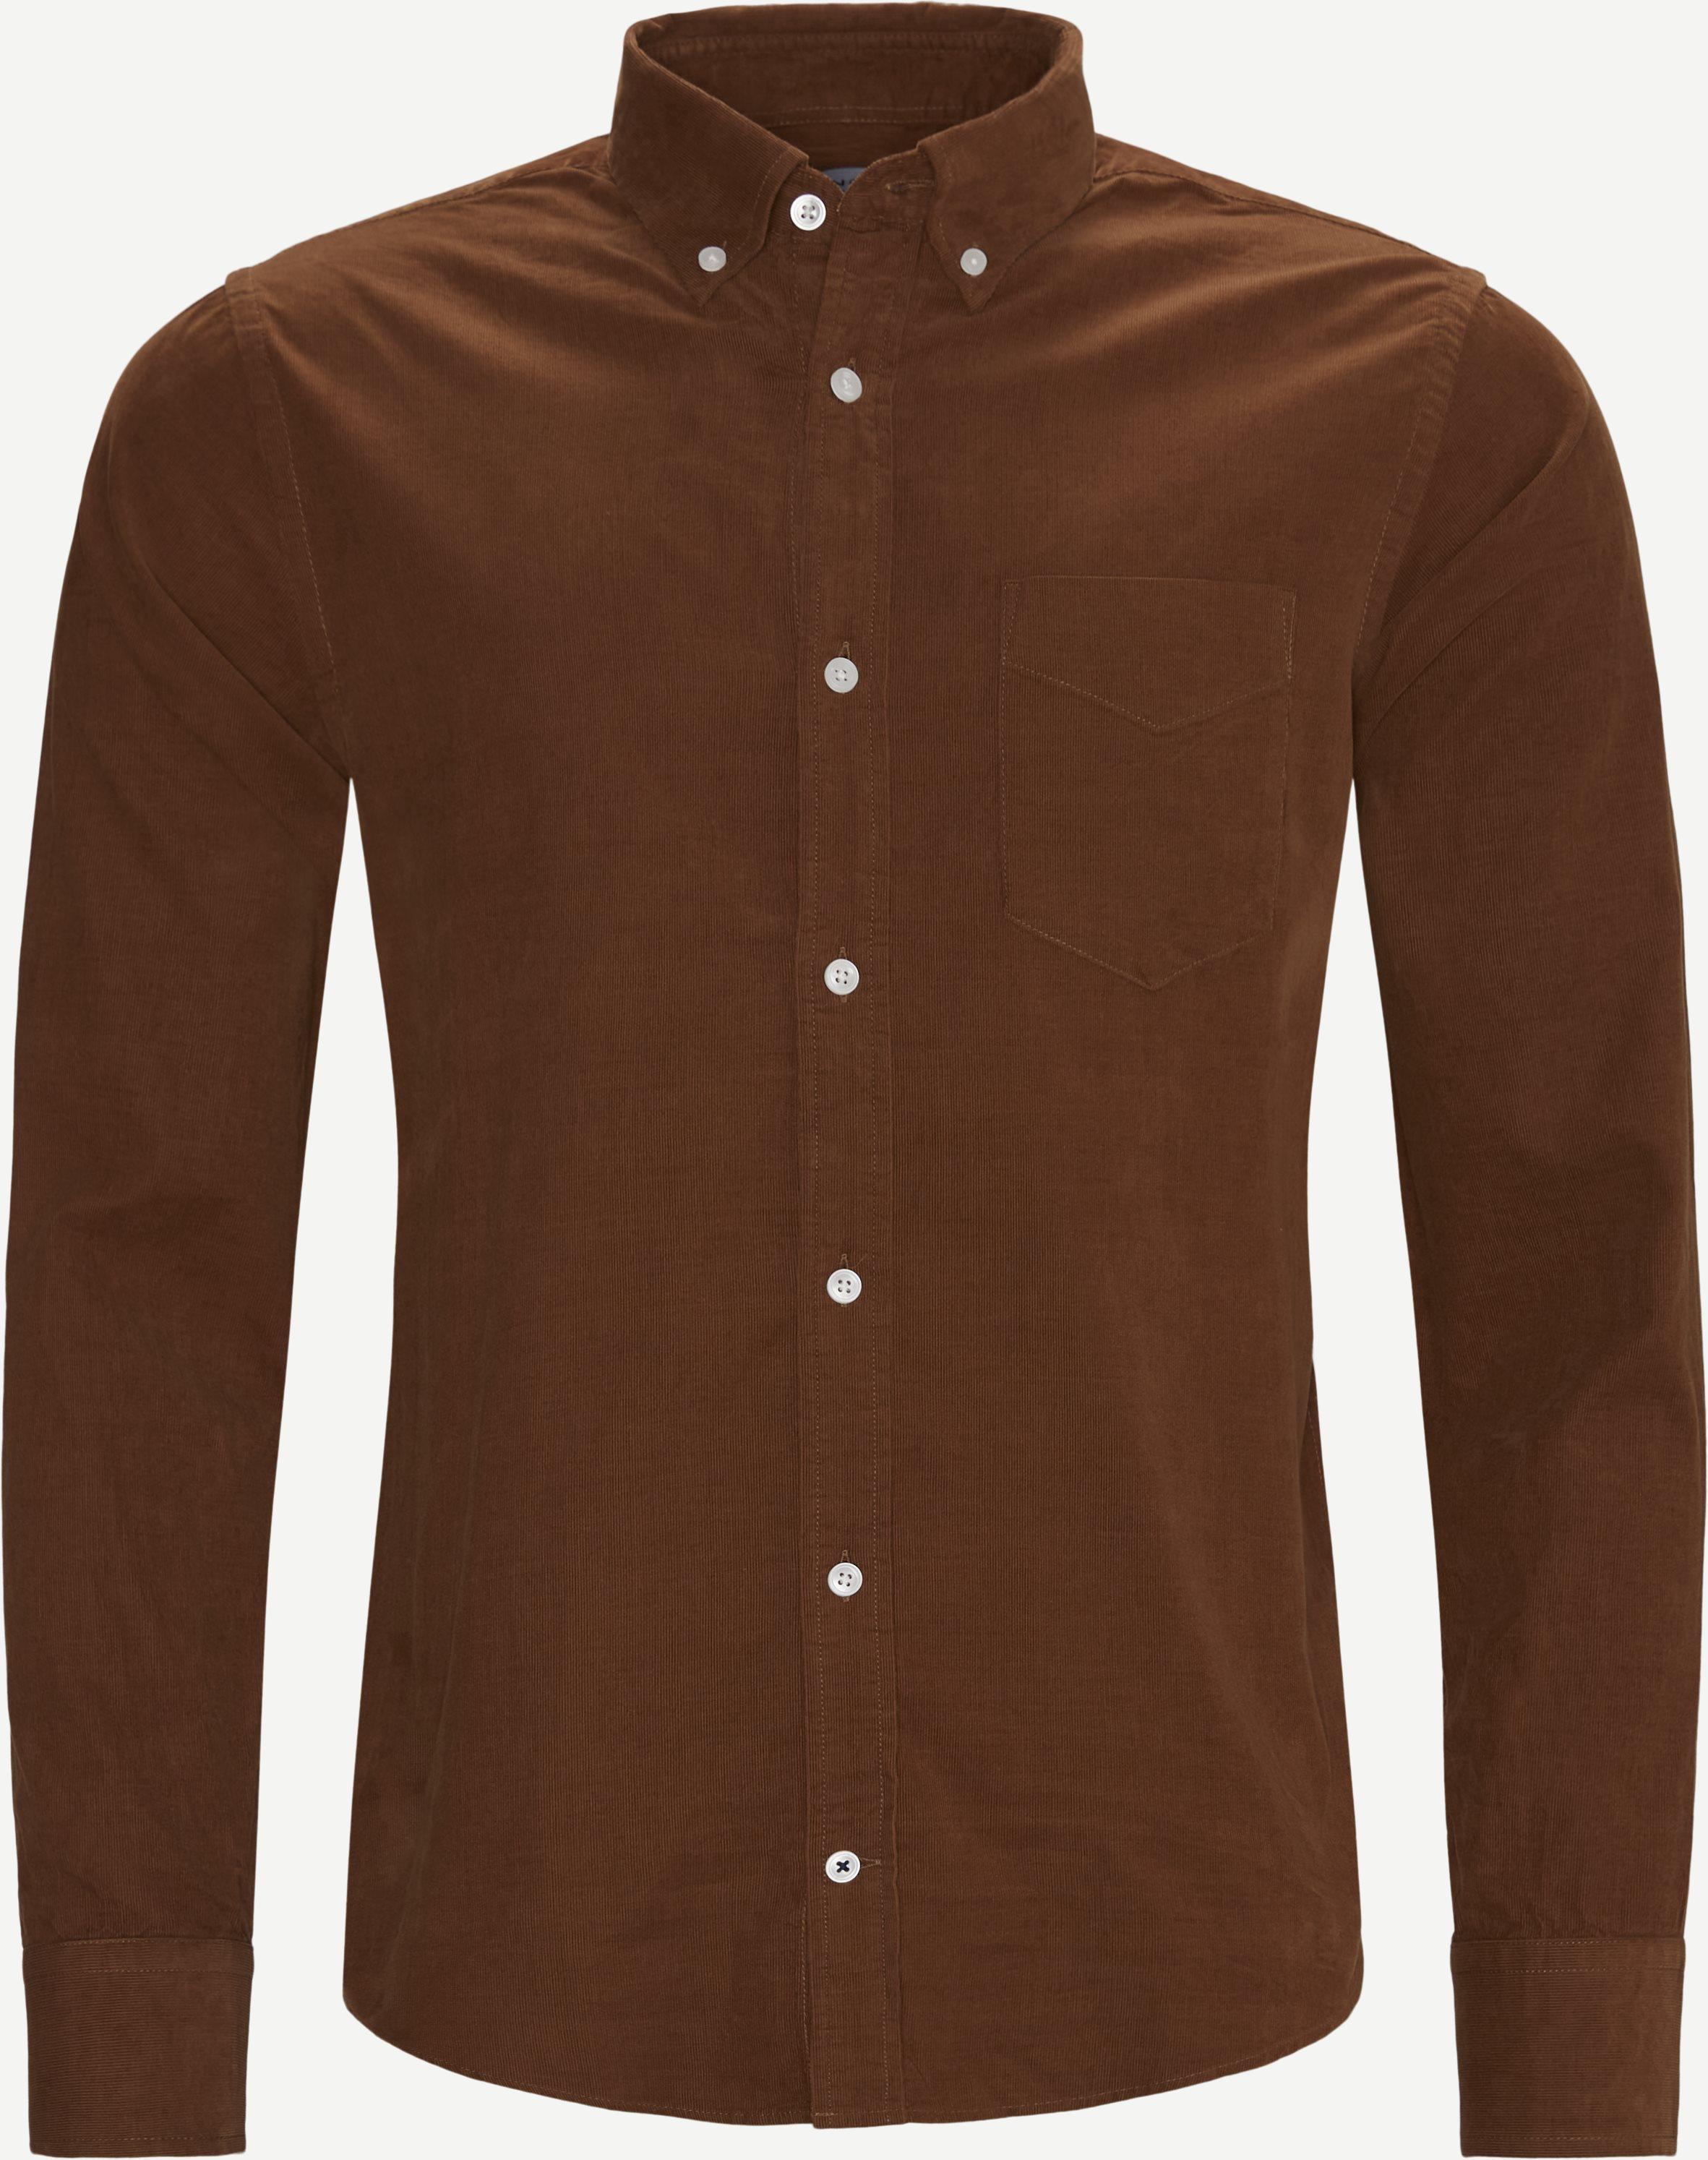 Levon Skjorte - Skjorter - Regular - Brun